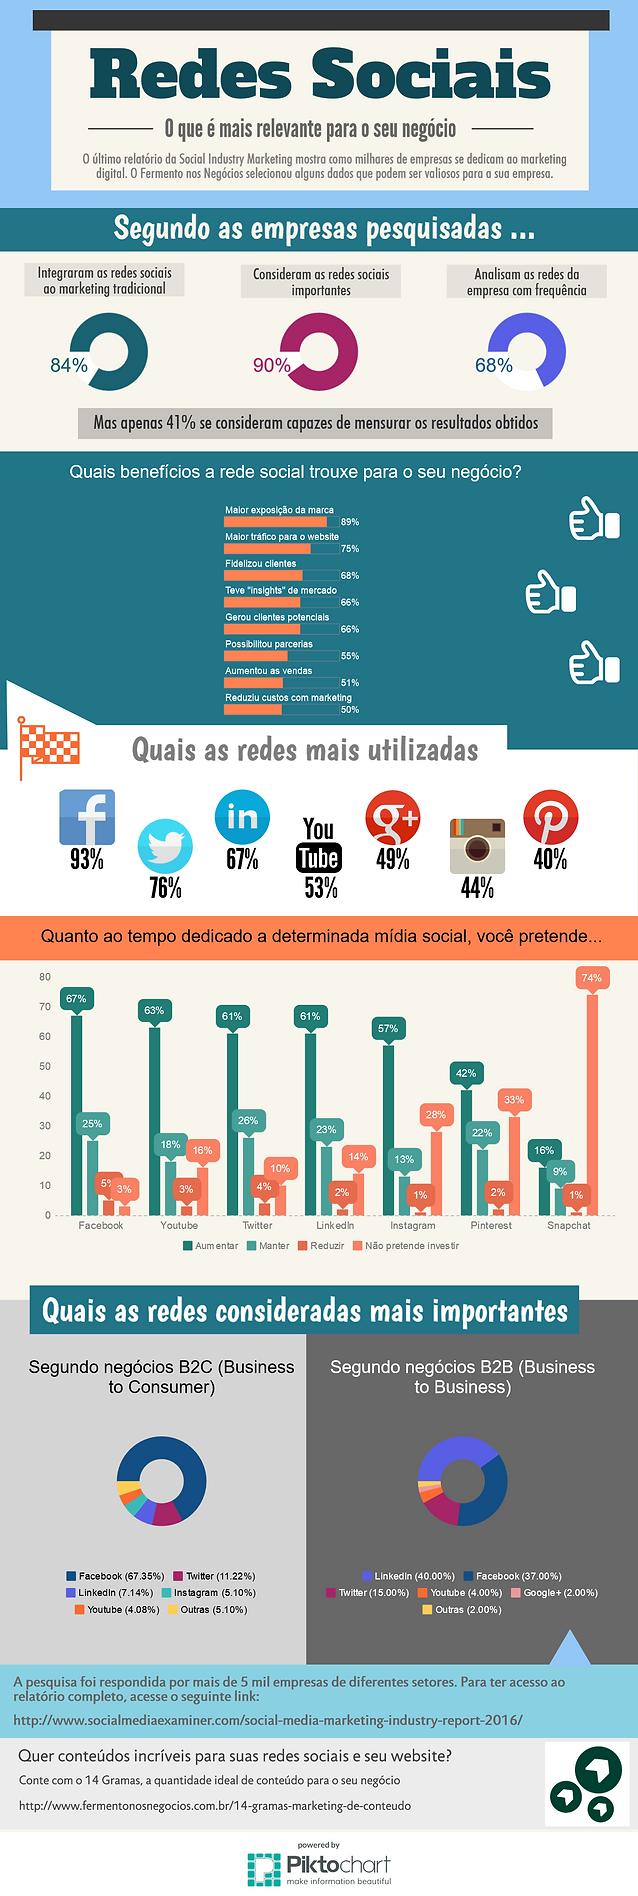 Entenda como as empresas estão utilizando as redes sociais em nosso infográfico